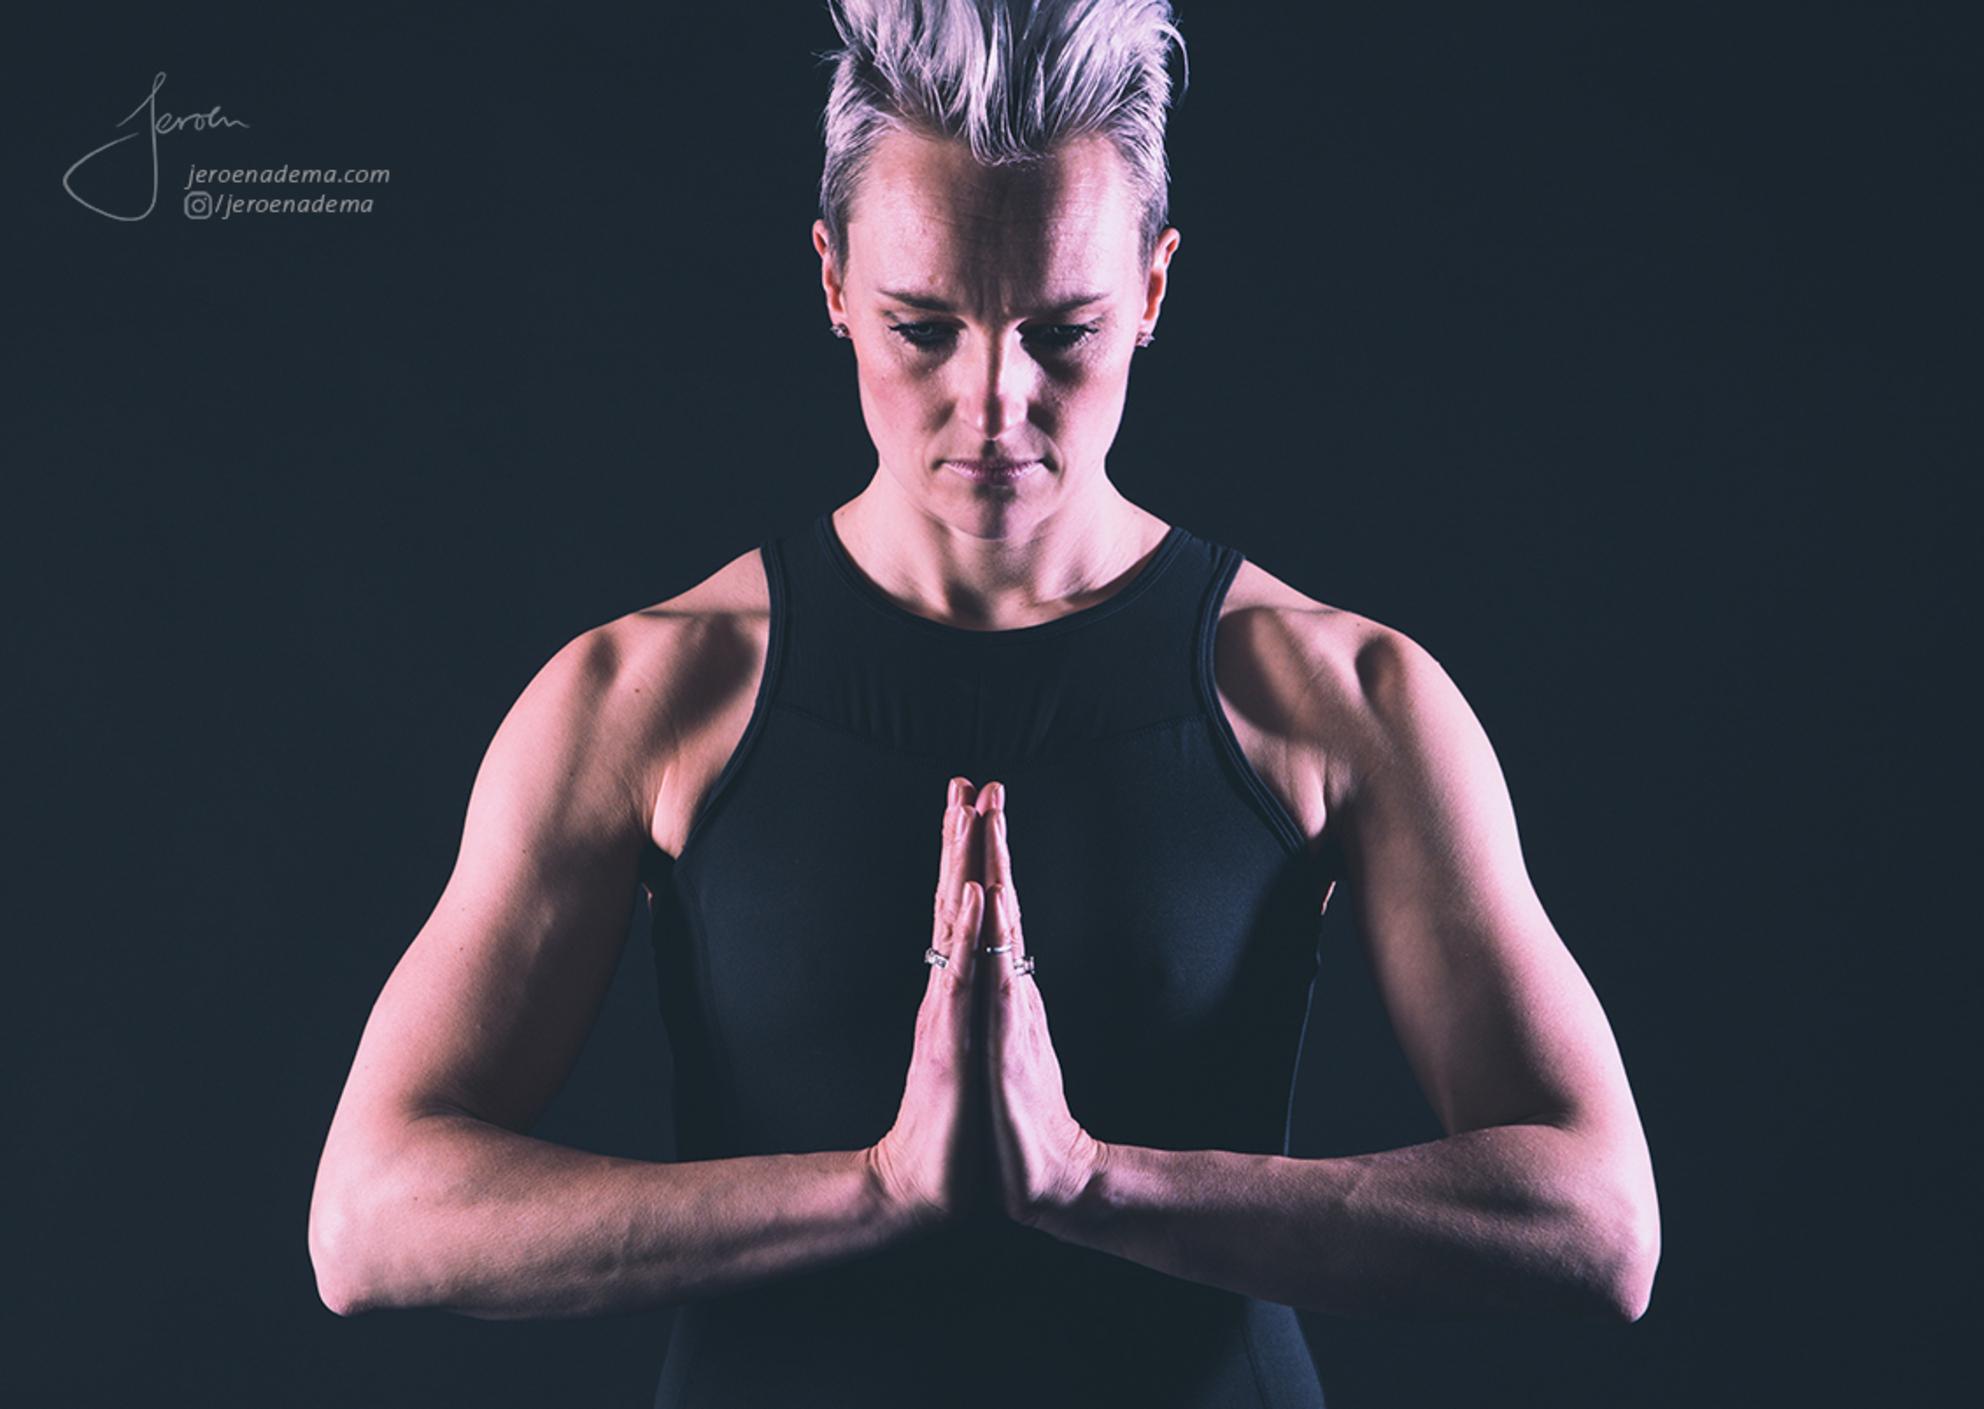 Pose II - Deze shoot met Irma was erg leuk en mooi om te doen. Ze wou graag 2 soorten foto's; een serie met body balance / yoga -achtige poses en een serie met - foto door jeroenadema op 13-03-2017 - deze foto bevat: vrouw, donker, kleur, licht, handen, portret, schaduw, model, gezicht, haar, fashion, beauty, emotie, pose, glamour, studio, blond, vrede, rust, closeup, klassiek, spieren, fotoshoot, kalmte, artistiek, armen, lowkey, yoga, houding, lijf, krachtig